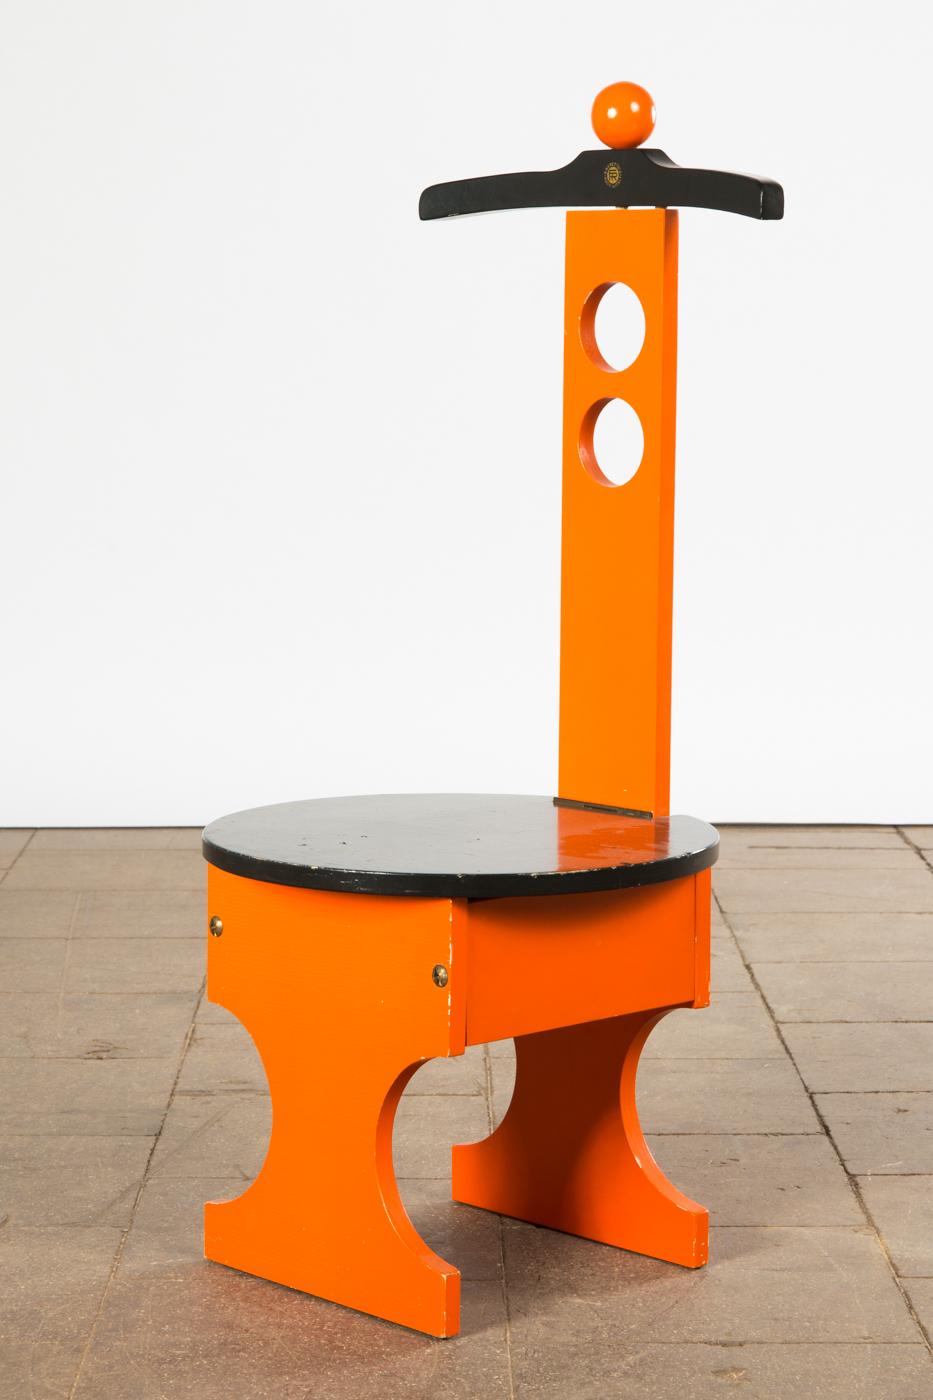 Wunderschön Stuhl Holz Beste Wahl Fratelli Reguitti, / Kinderstuhl, Holz, Entwurf 1955